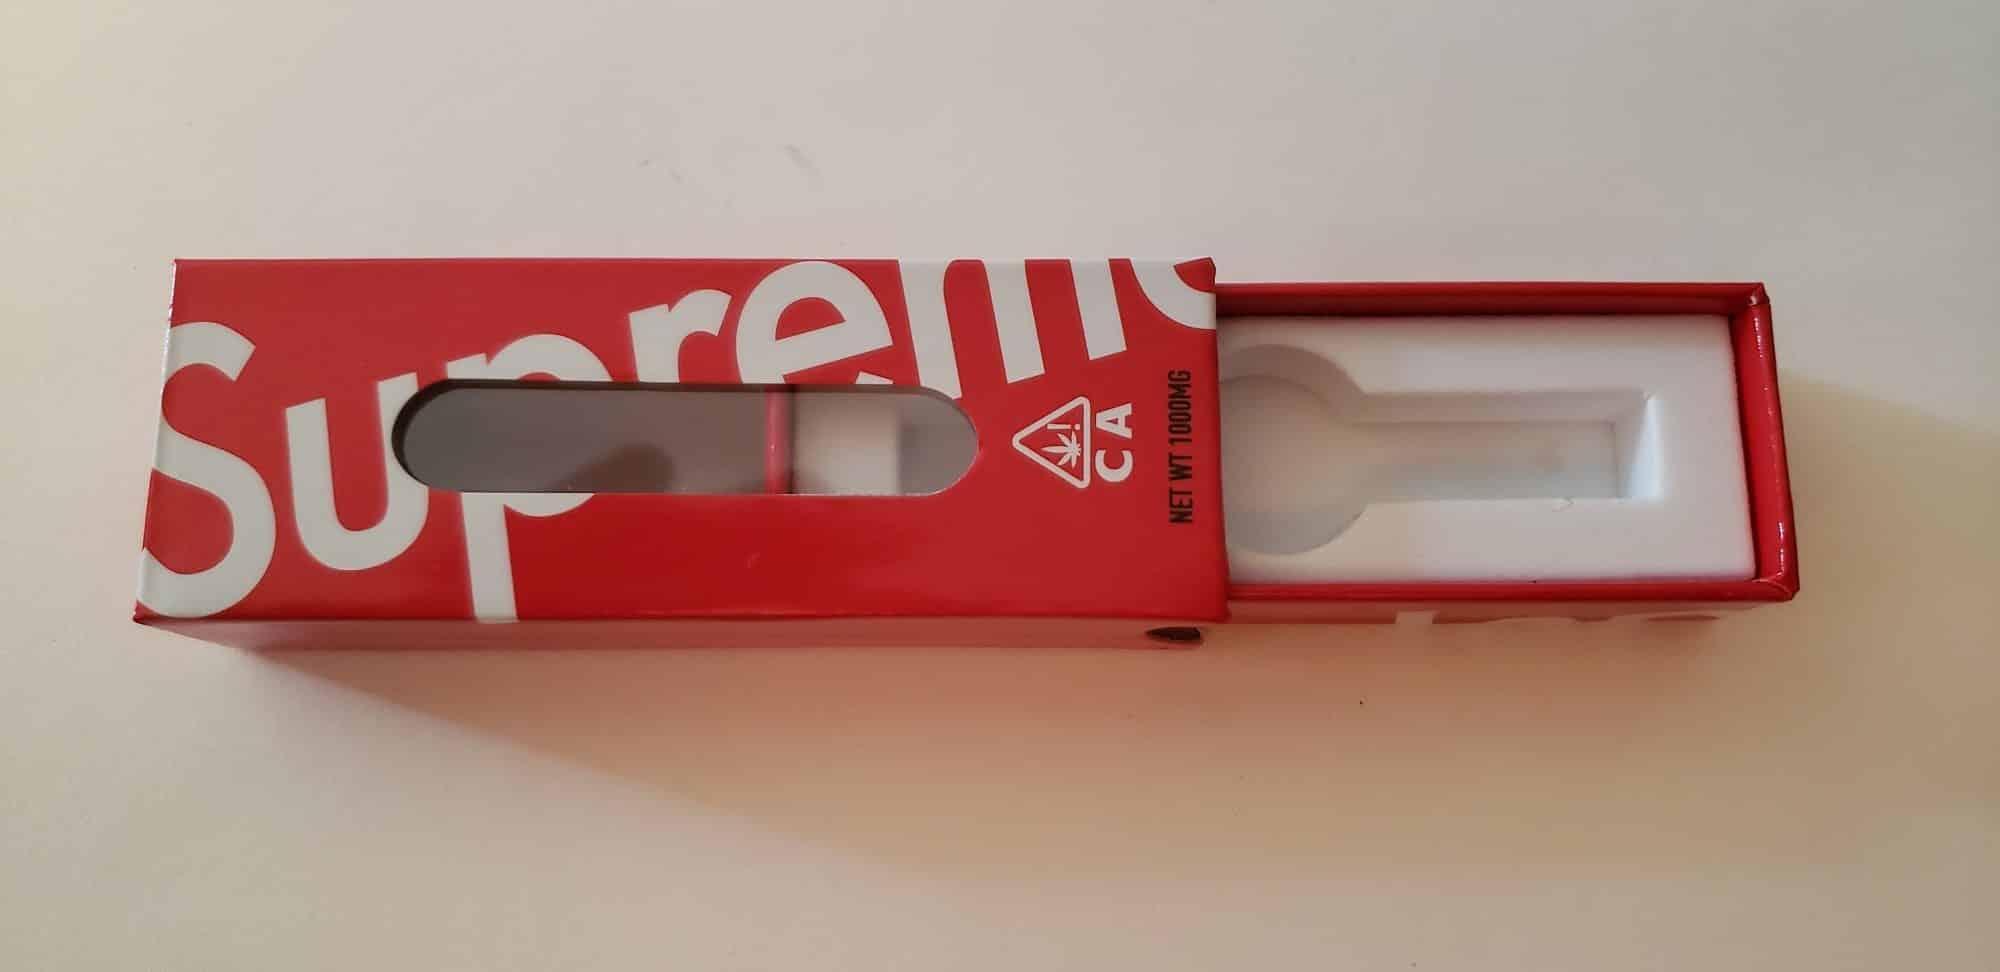 Supreme Vape Cartridge Packaging